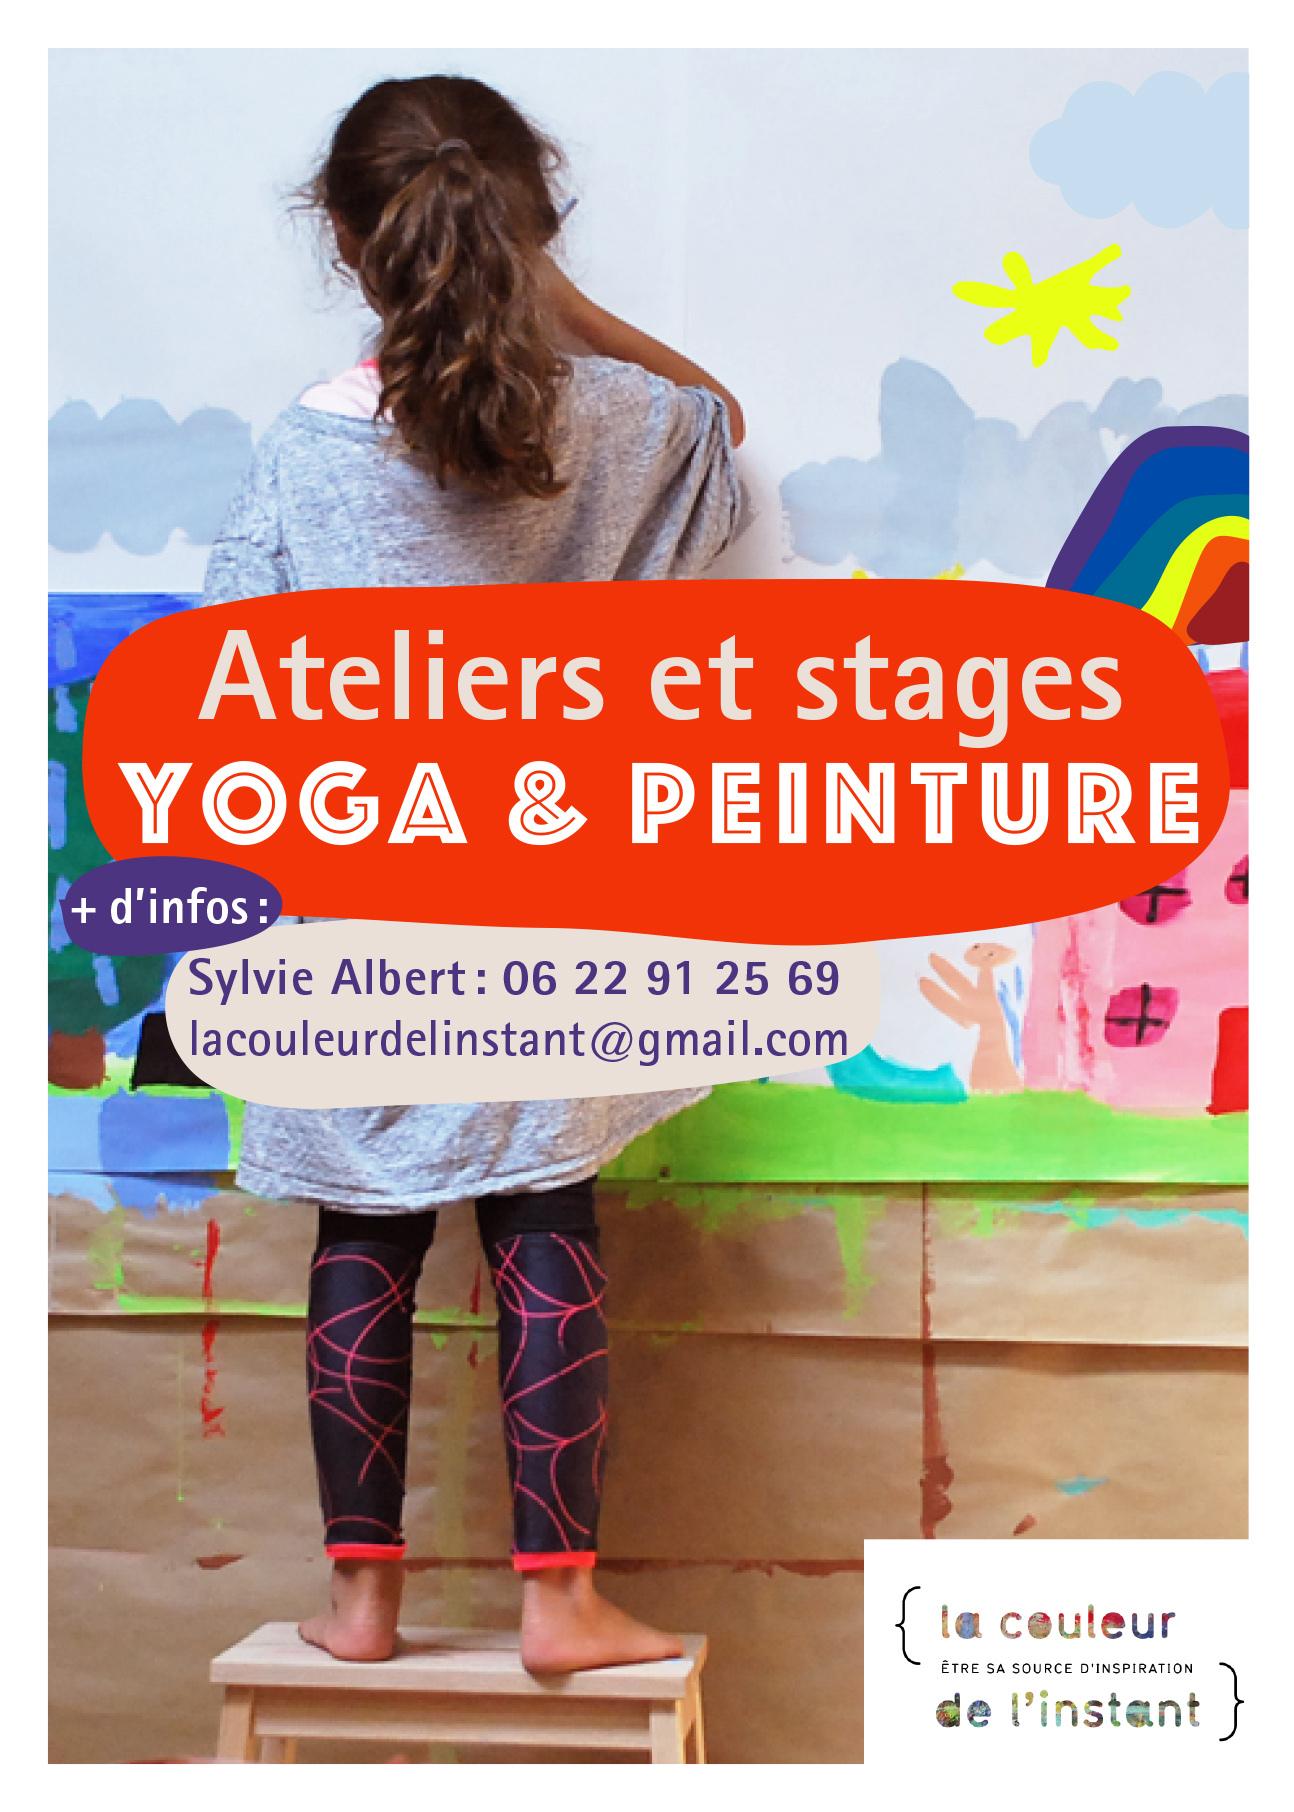 Ateliers yoga et peinture pendant les vacances de la Toussaint